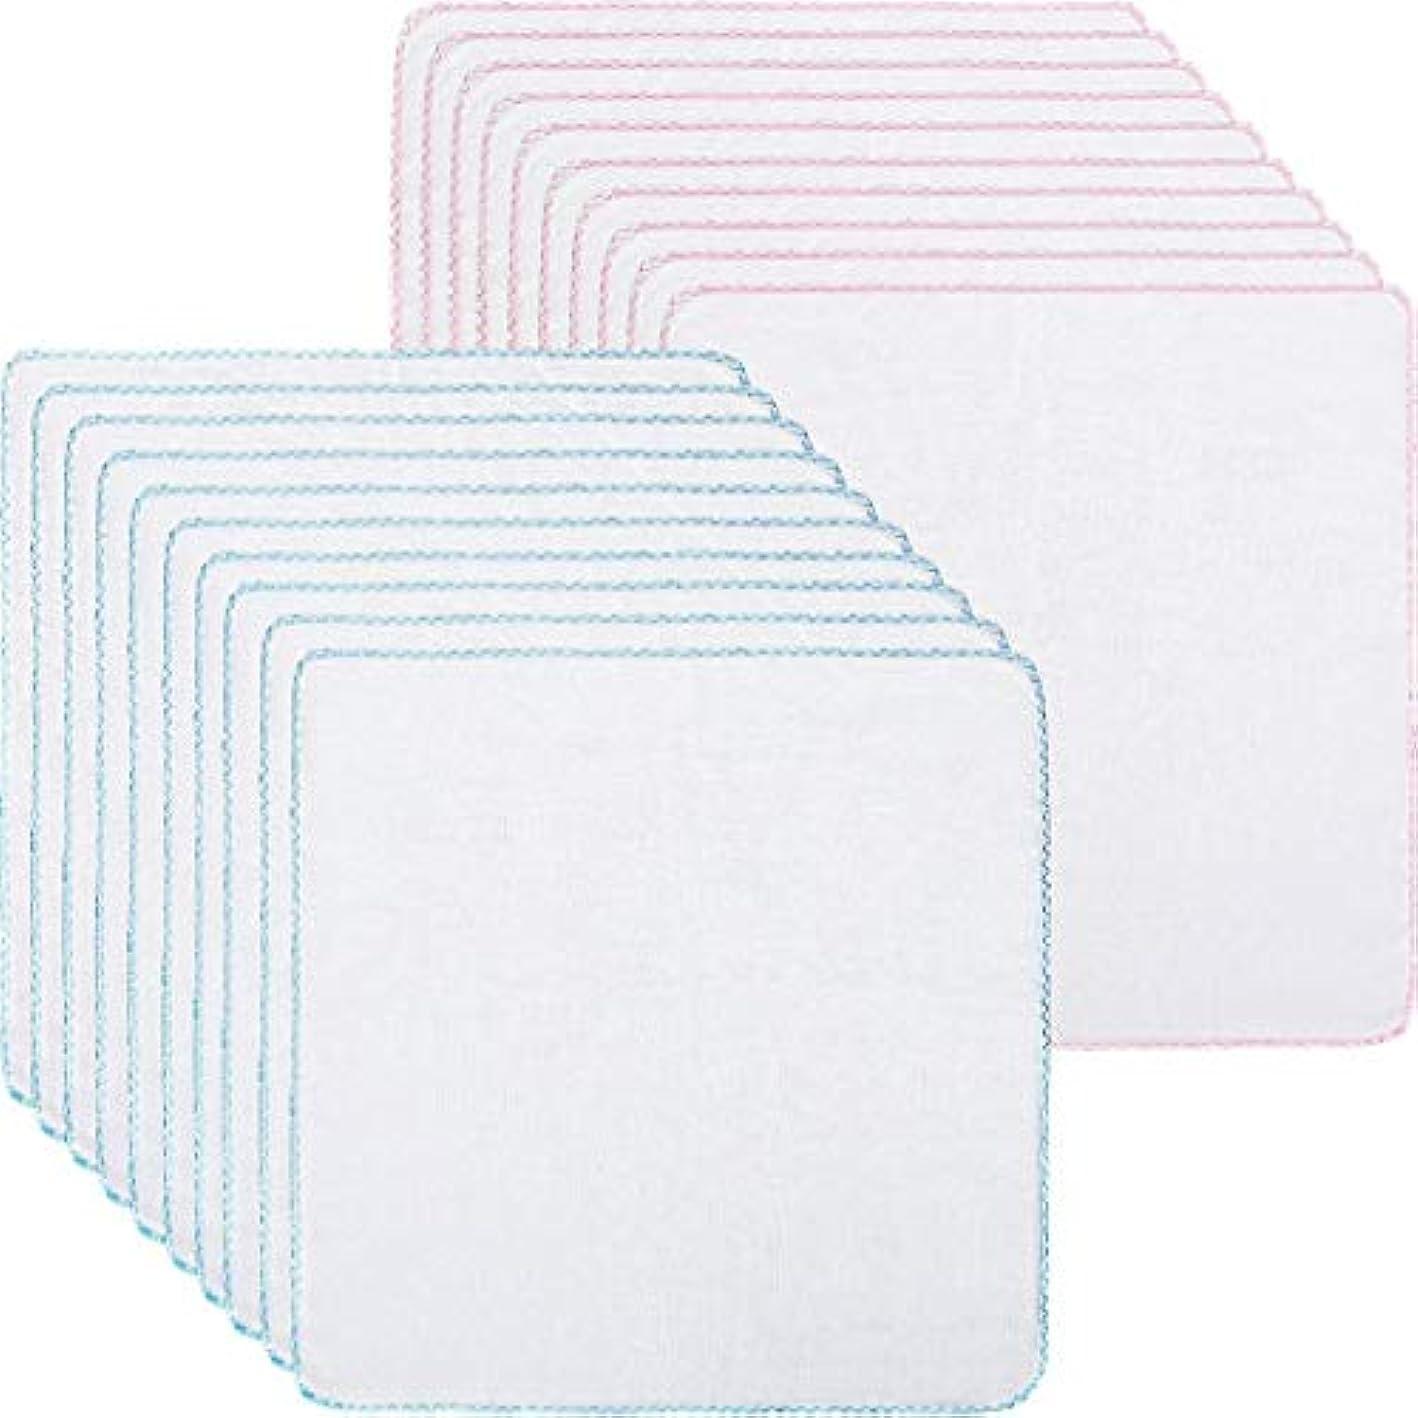 私たち自身句エコーQuzama-JS 実用的な20ピースピュアコットンフェイシャルクレンジングmuslinクロスソフトフェイシャルクレンジングメイクリムーバー布、青とピンク